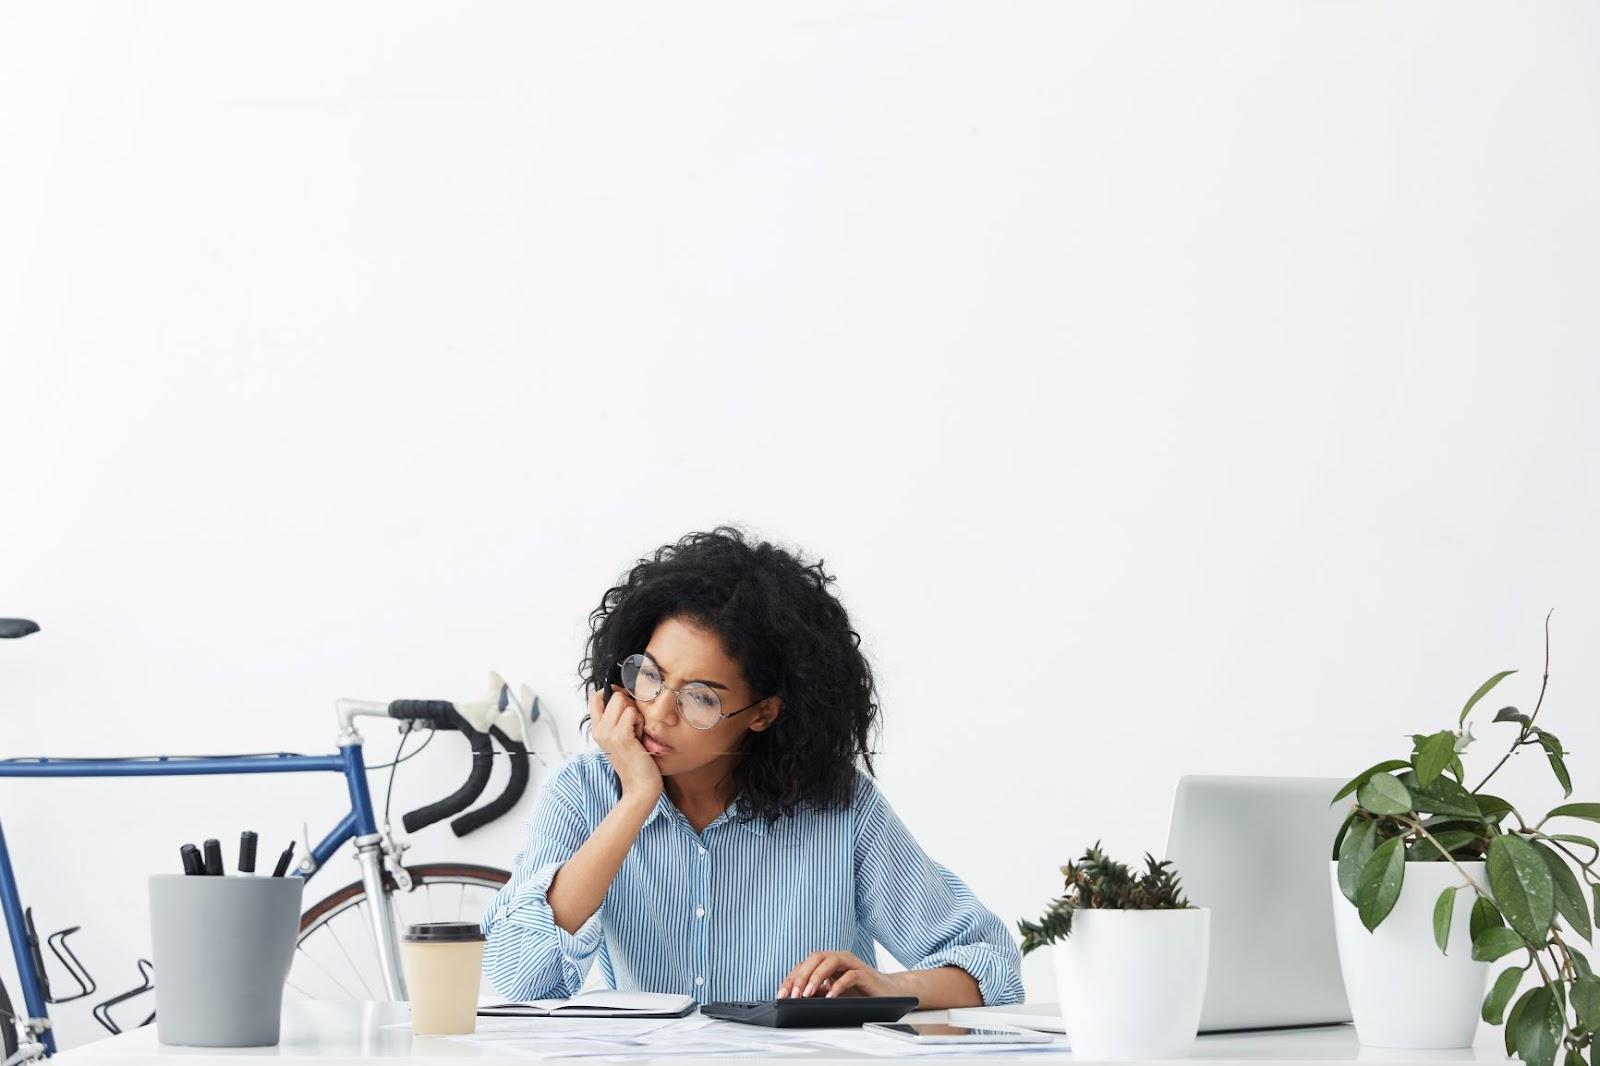 Imagem de uma mulher negra em uma mesa, com um café em sua frente. Uma de suas mãos está em seu queixo e sua feição está preocupada com o balancete contábil. A outra mão está em cima de um calculadora. Na mesa, identificamos um caderno, café, canetas e vasos. A imagem possui fundo branco e todos os elementos brancos, exceto por uma bicicleta azul ao fundo e a camisa azul da mulher.